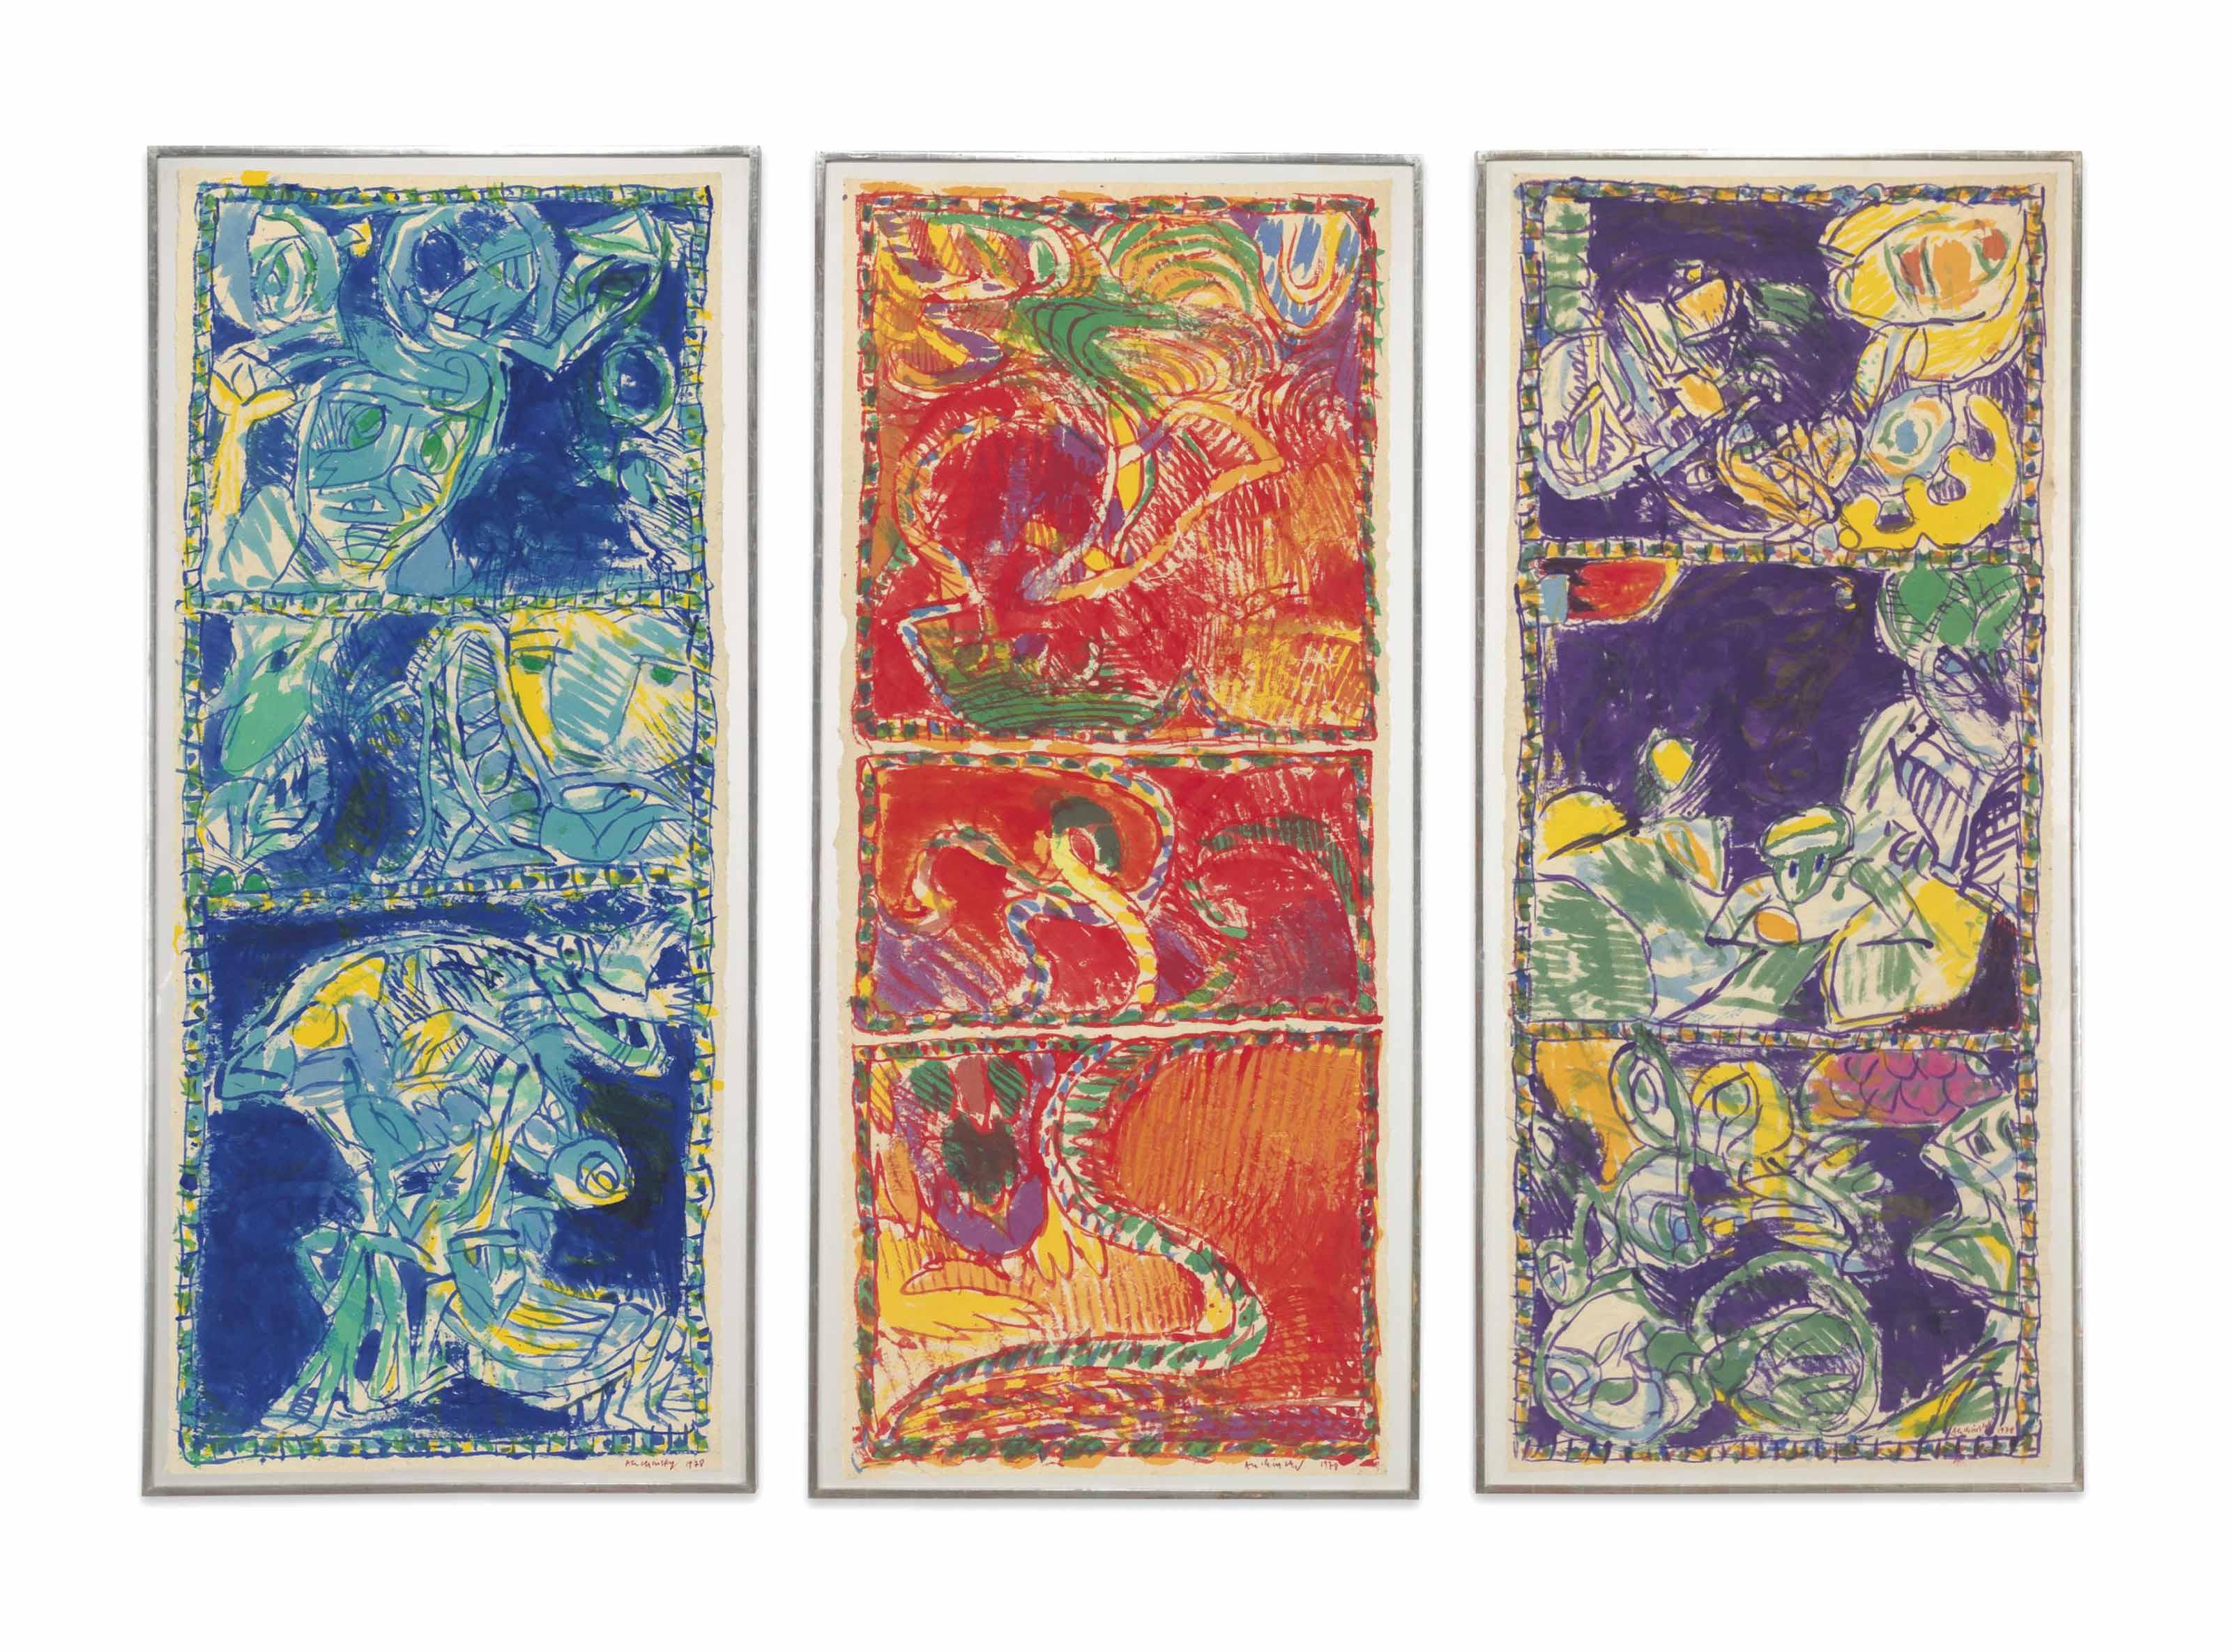 (i) Sous la conduite de bleu (Led by Blue) (ii) Sous tutelle du rouge (Under the Trust of Red) (iii) Sous la domination du violet (Under the Domination of Violet)